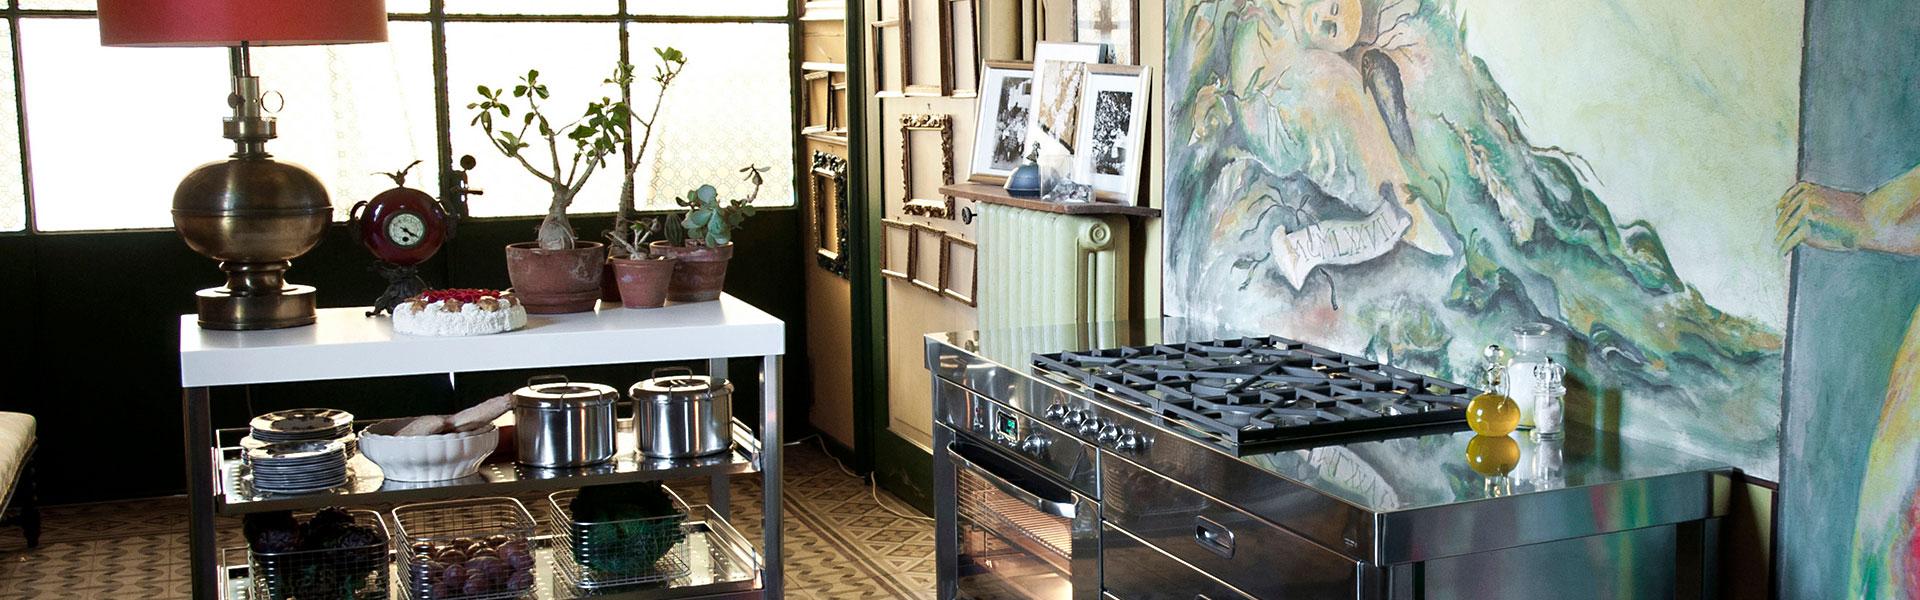 Freistehende Küchen-Möbel Kücheninseln Maßküchen